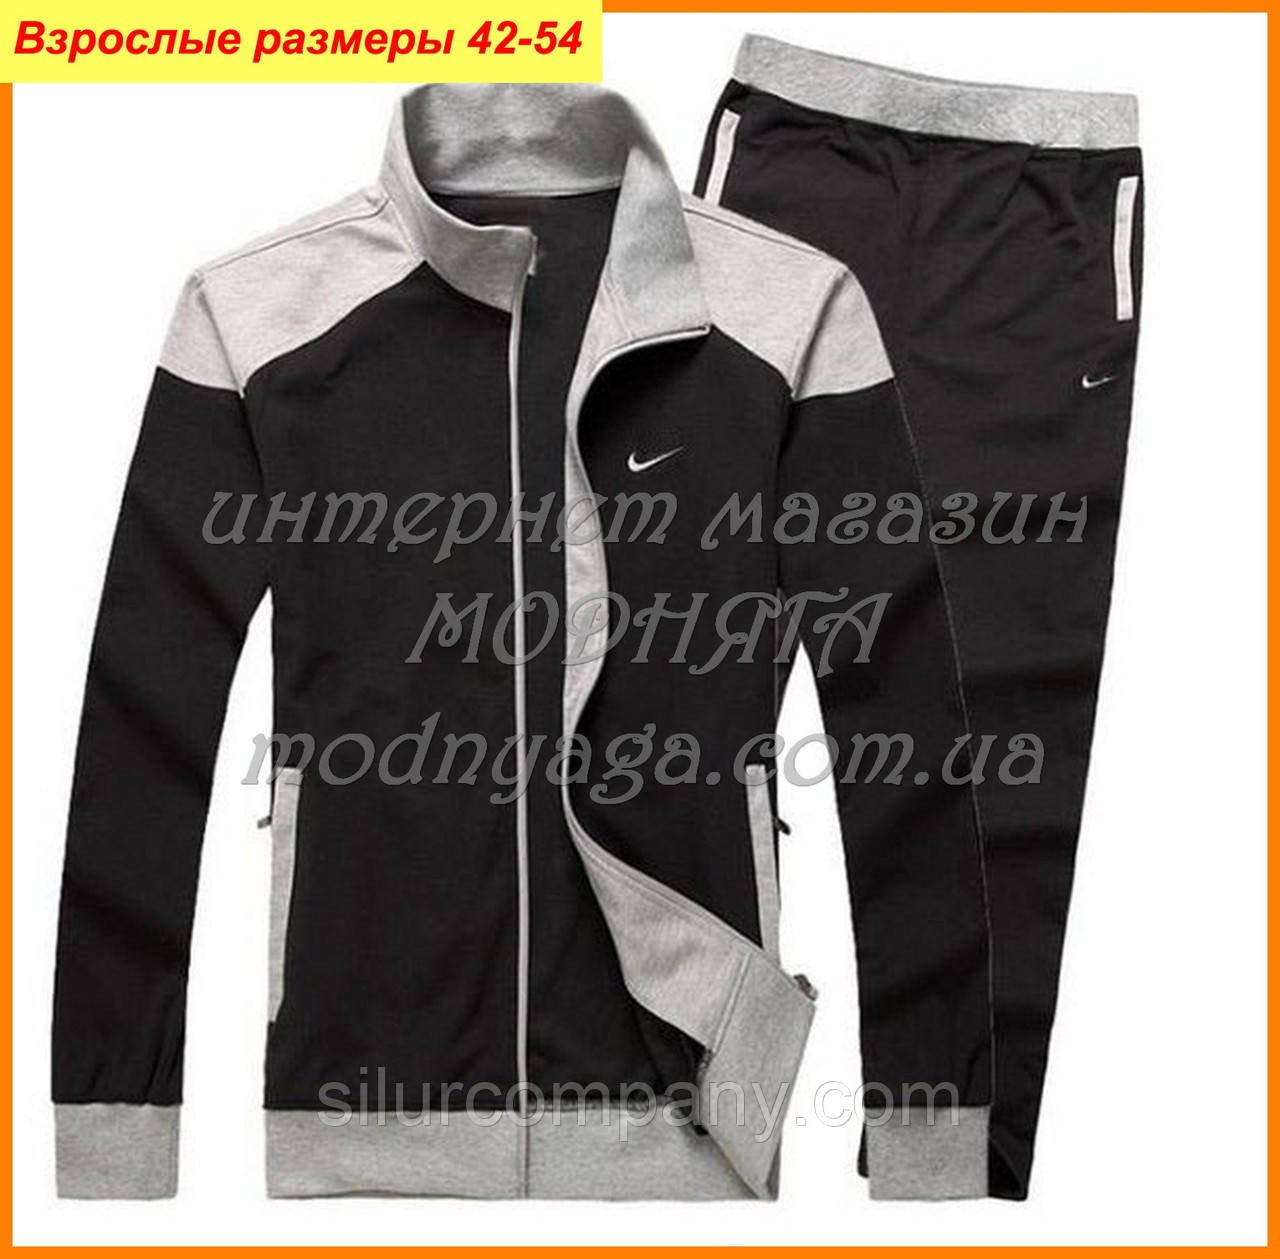 Спортивные костюмы мужские Nike   Киев Харьков Украина, фото 1 -2% Скидка fa25c2c43e5